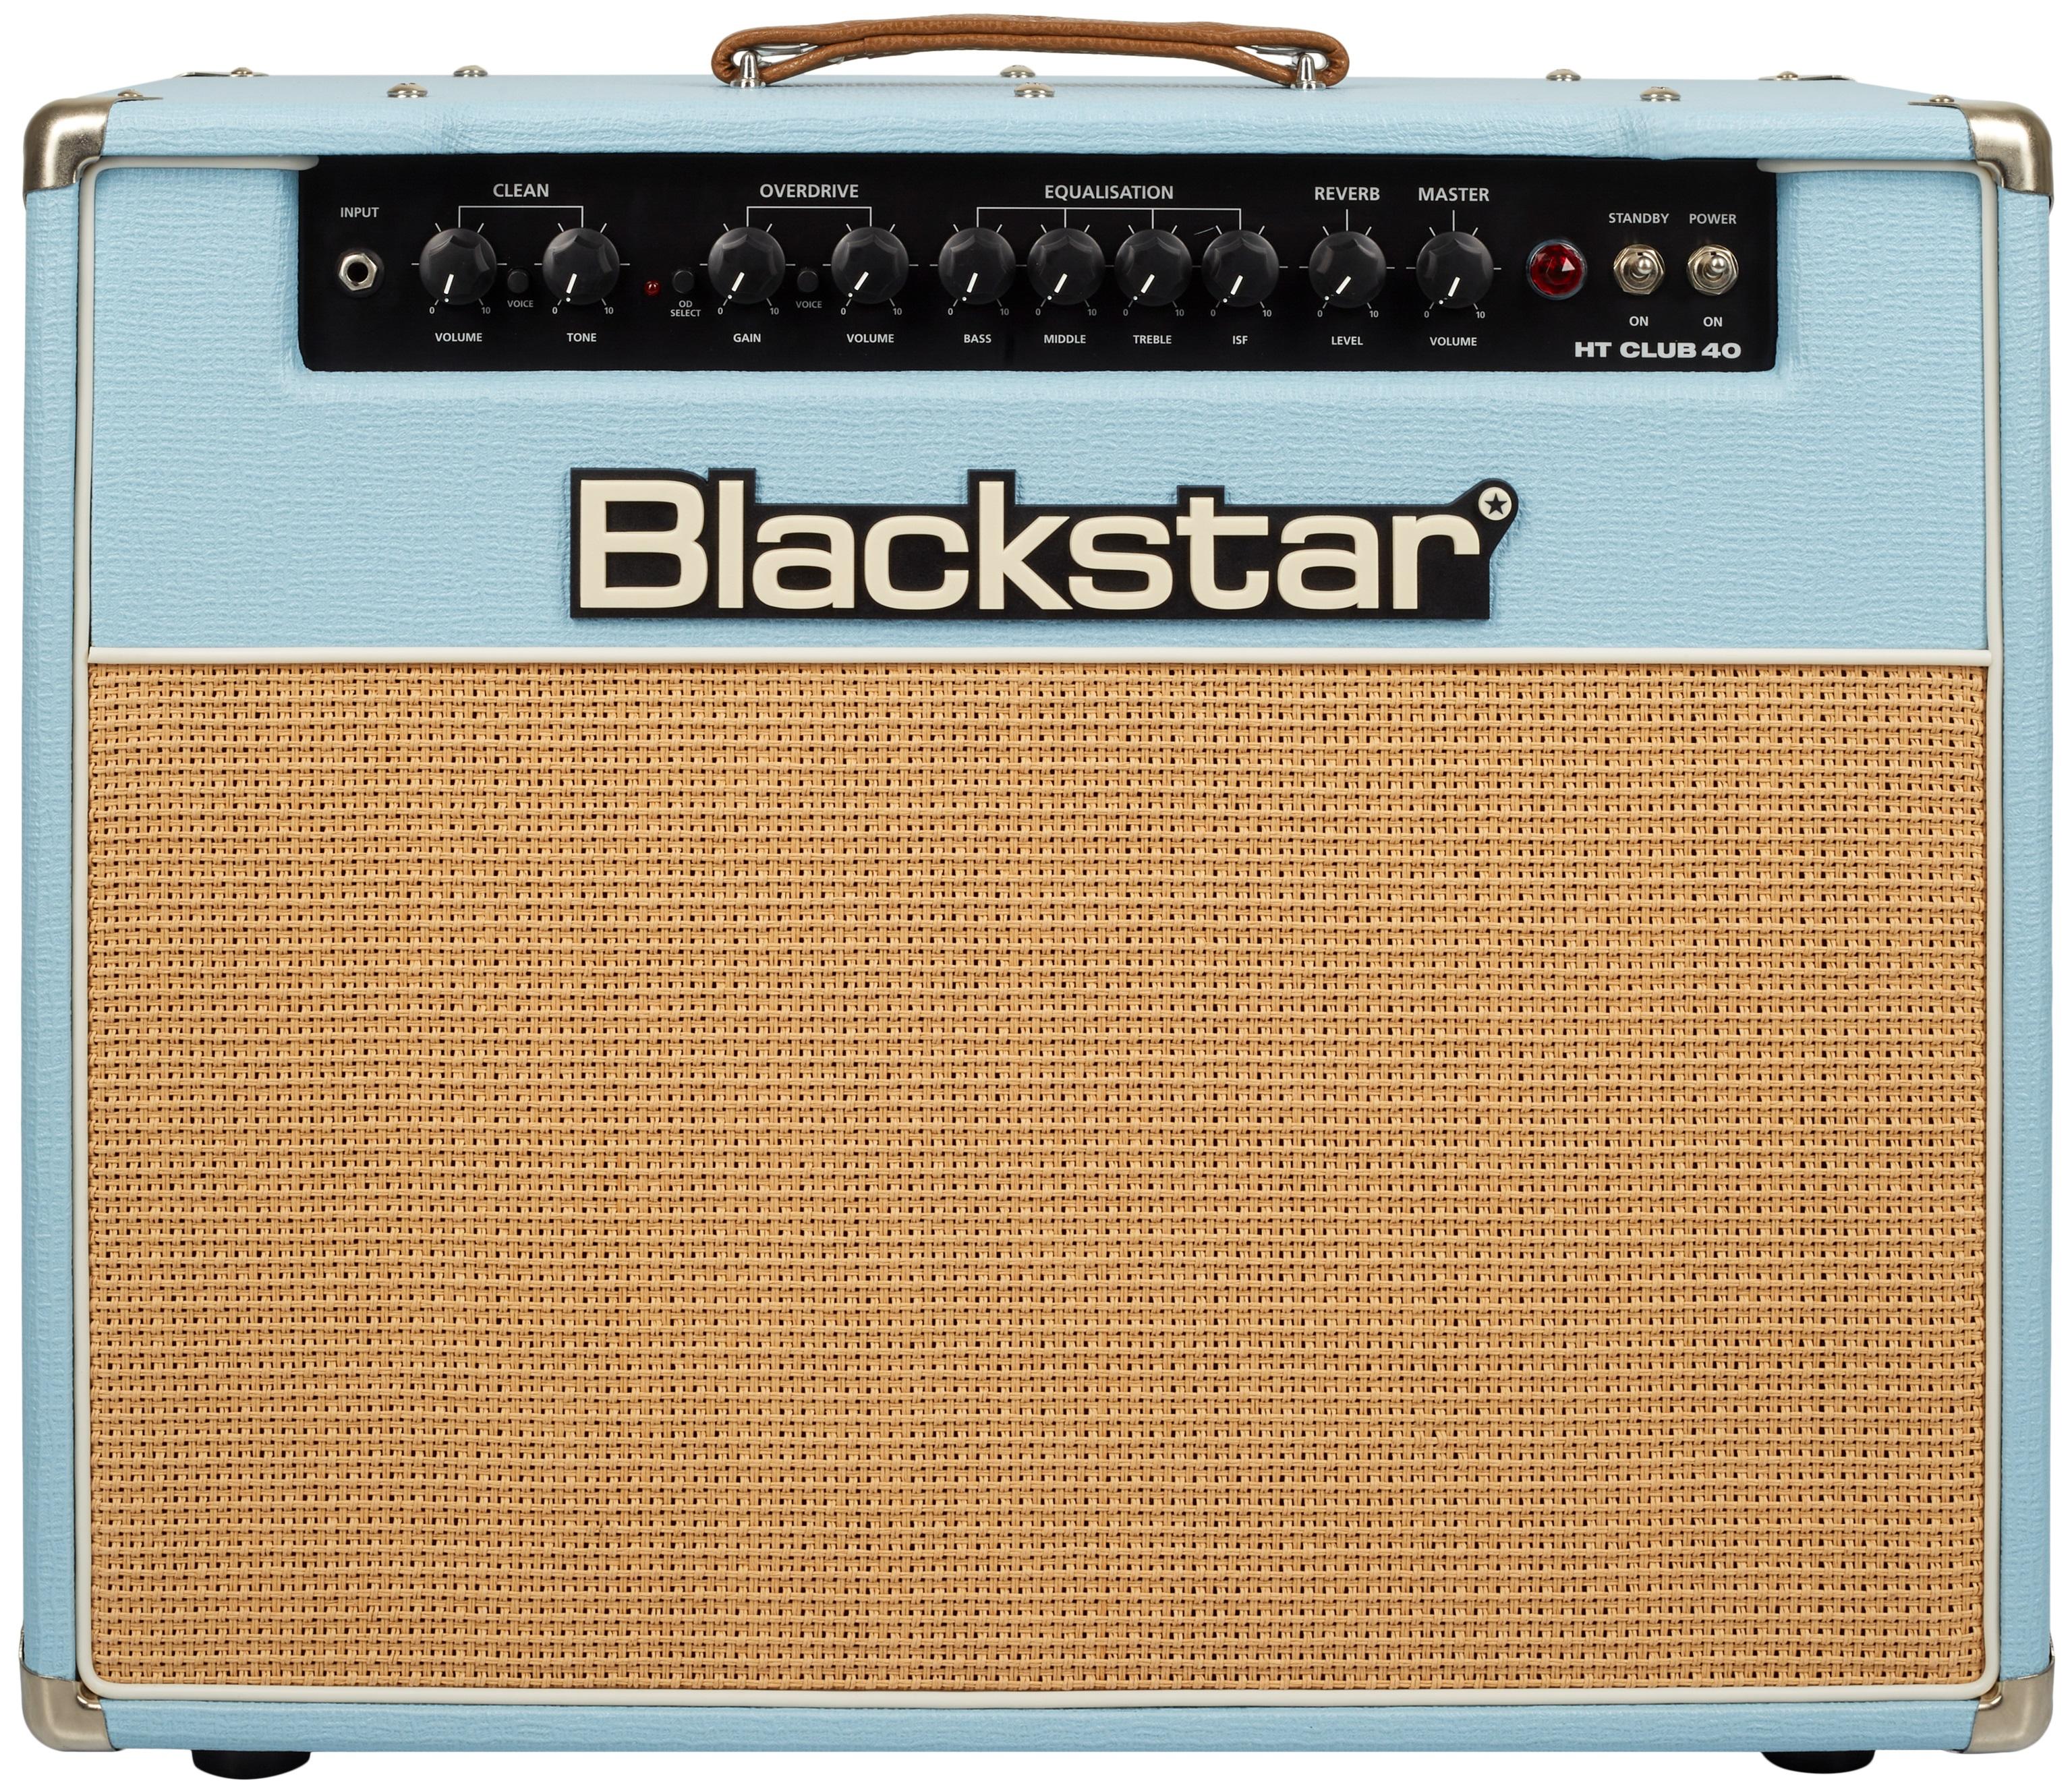 Blackstar HT Club 40 BLUE Limited Edition